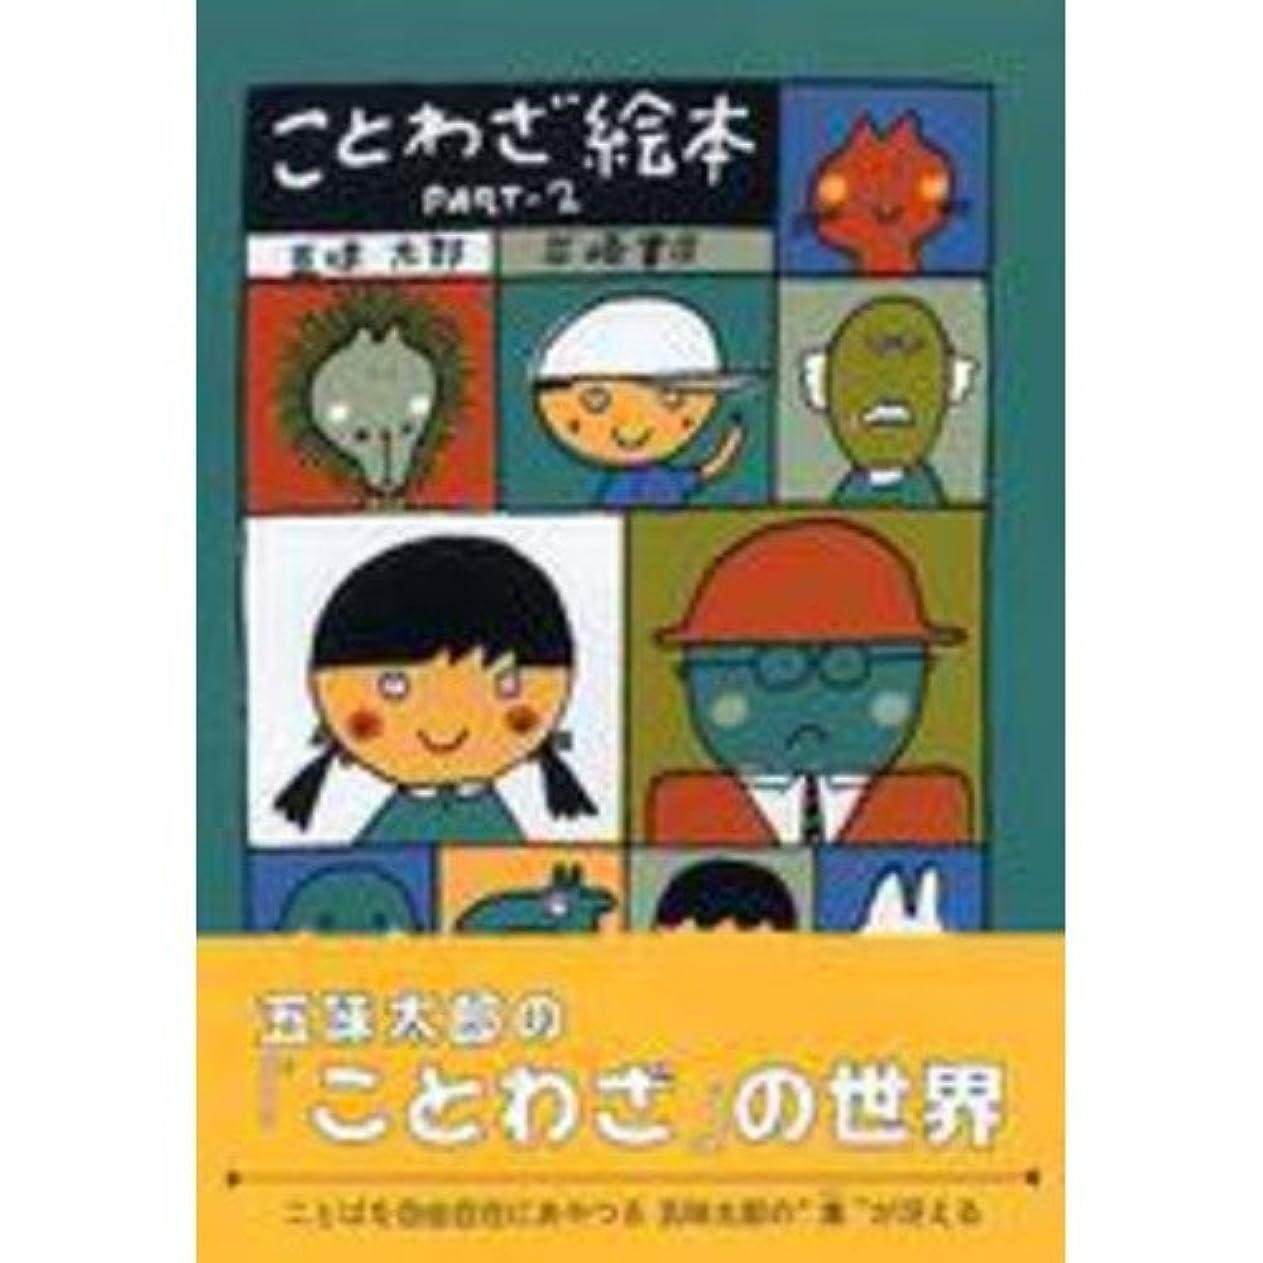 ヒューズ居心地の良いまで岩崎書店 ことわざ絵本 PART2 A5判